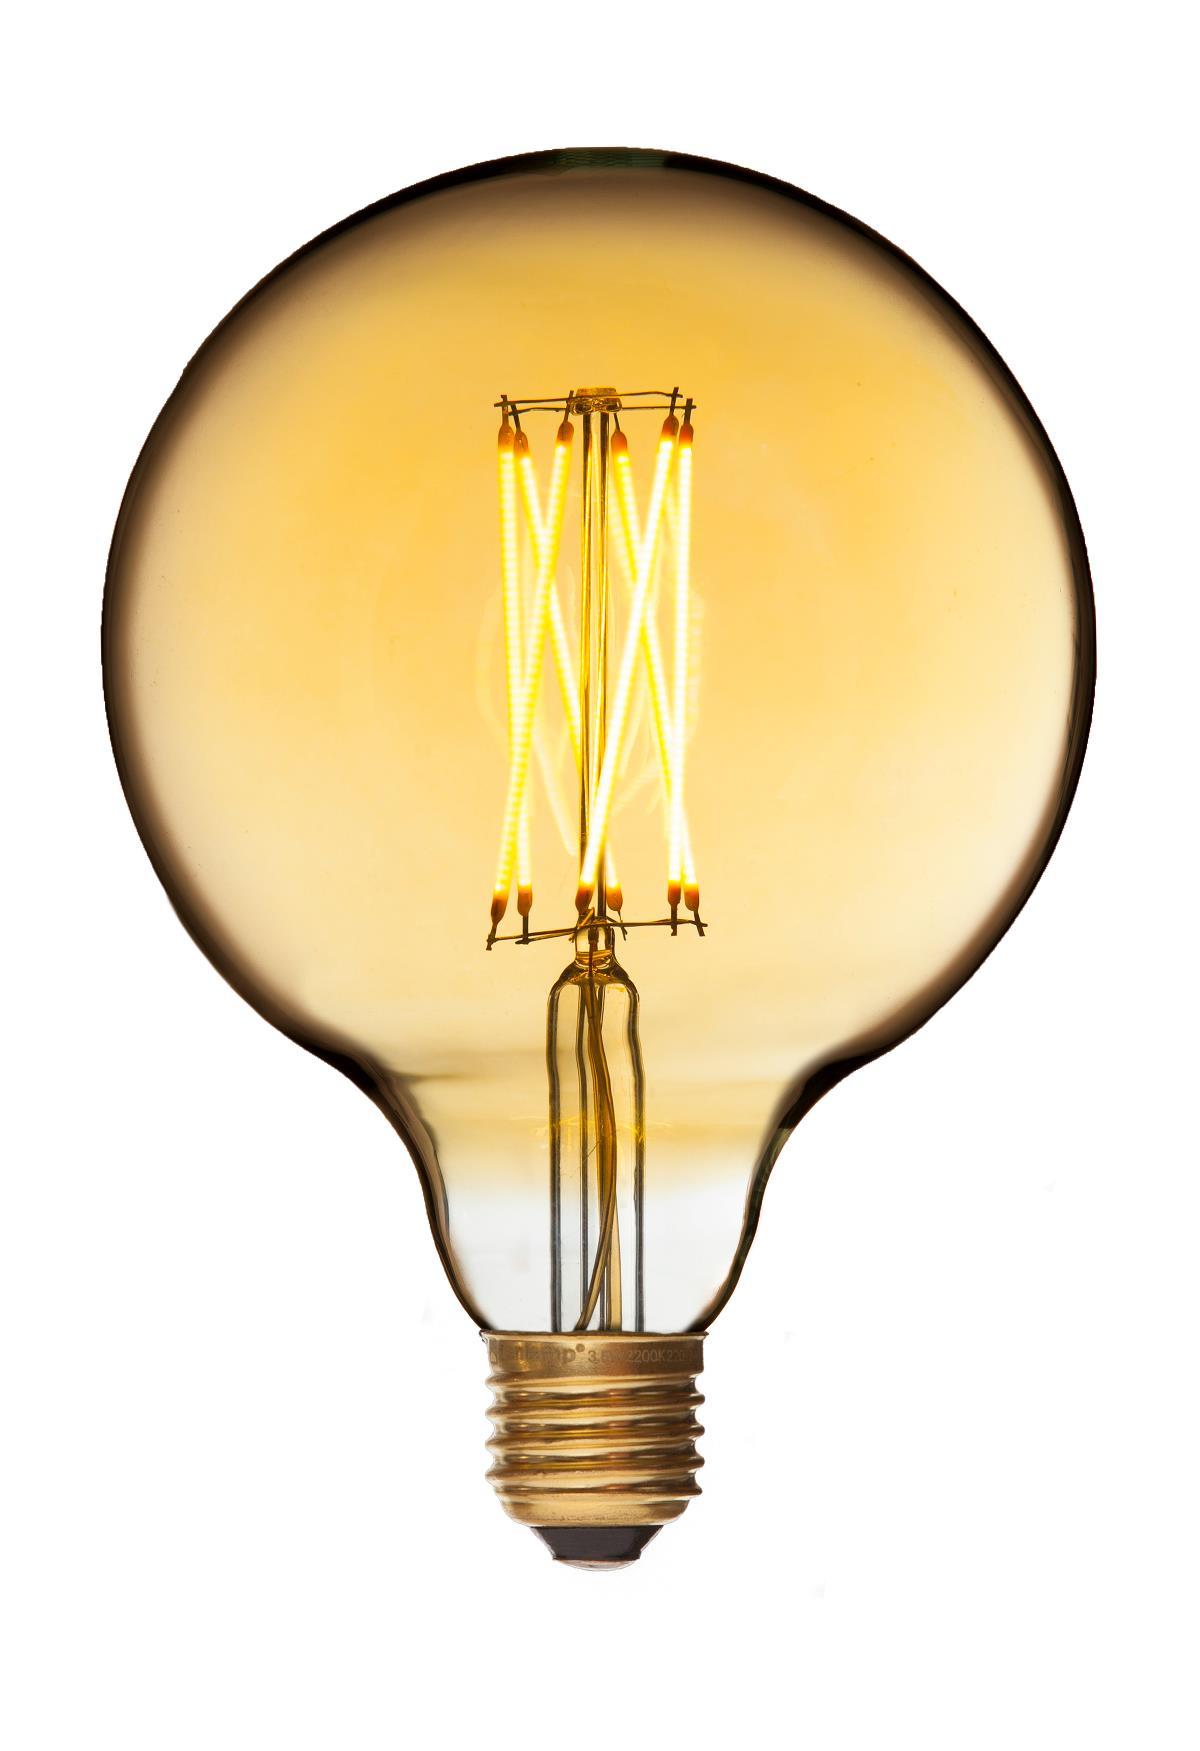 danlamp E27 - 4w led mega edison gold på luxlight.dk